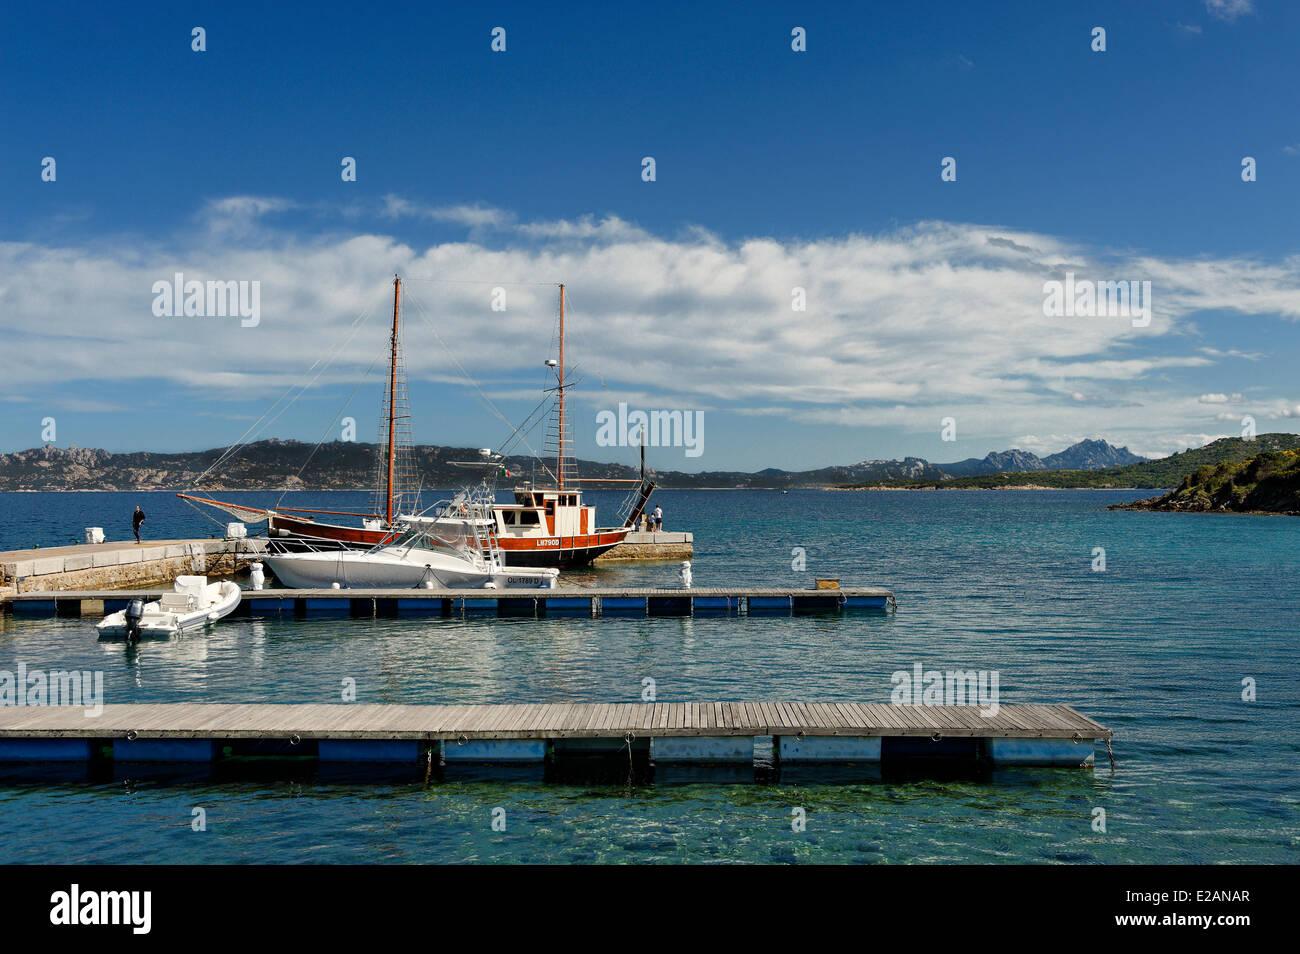 Italy, Sardinia, Olbia Tempio Province, Le Saline, marina, caiques (traditional sailboats) moored alongside with - Stock Image